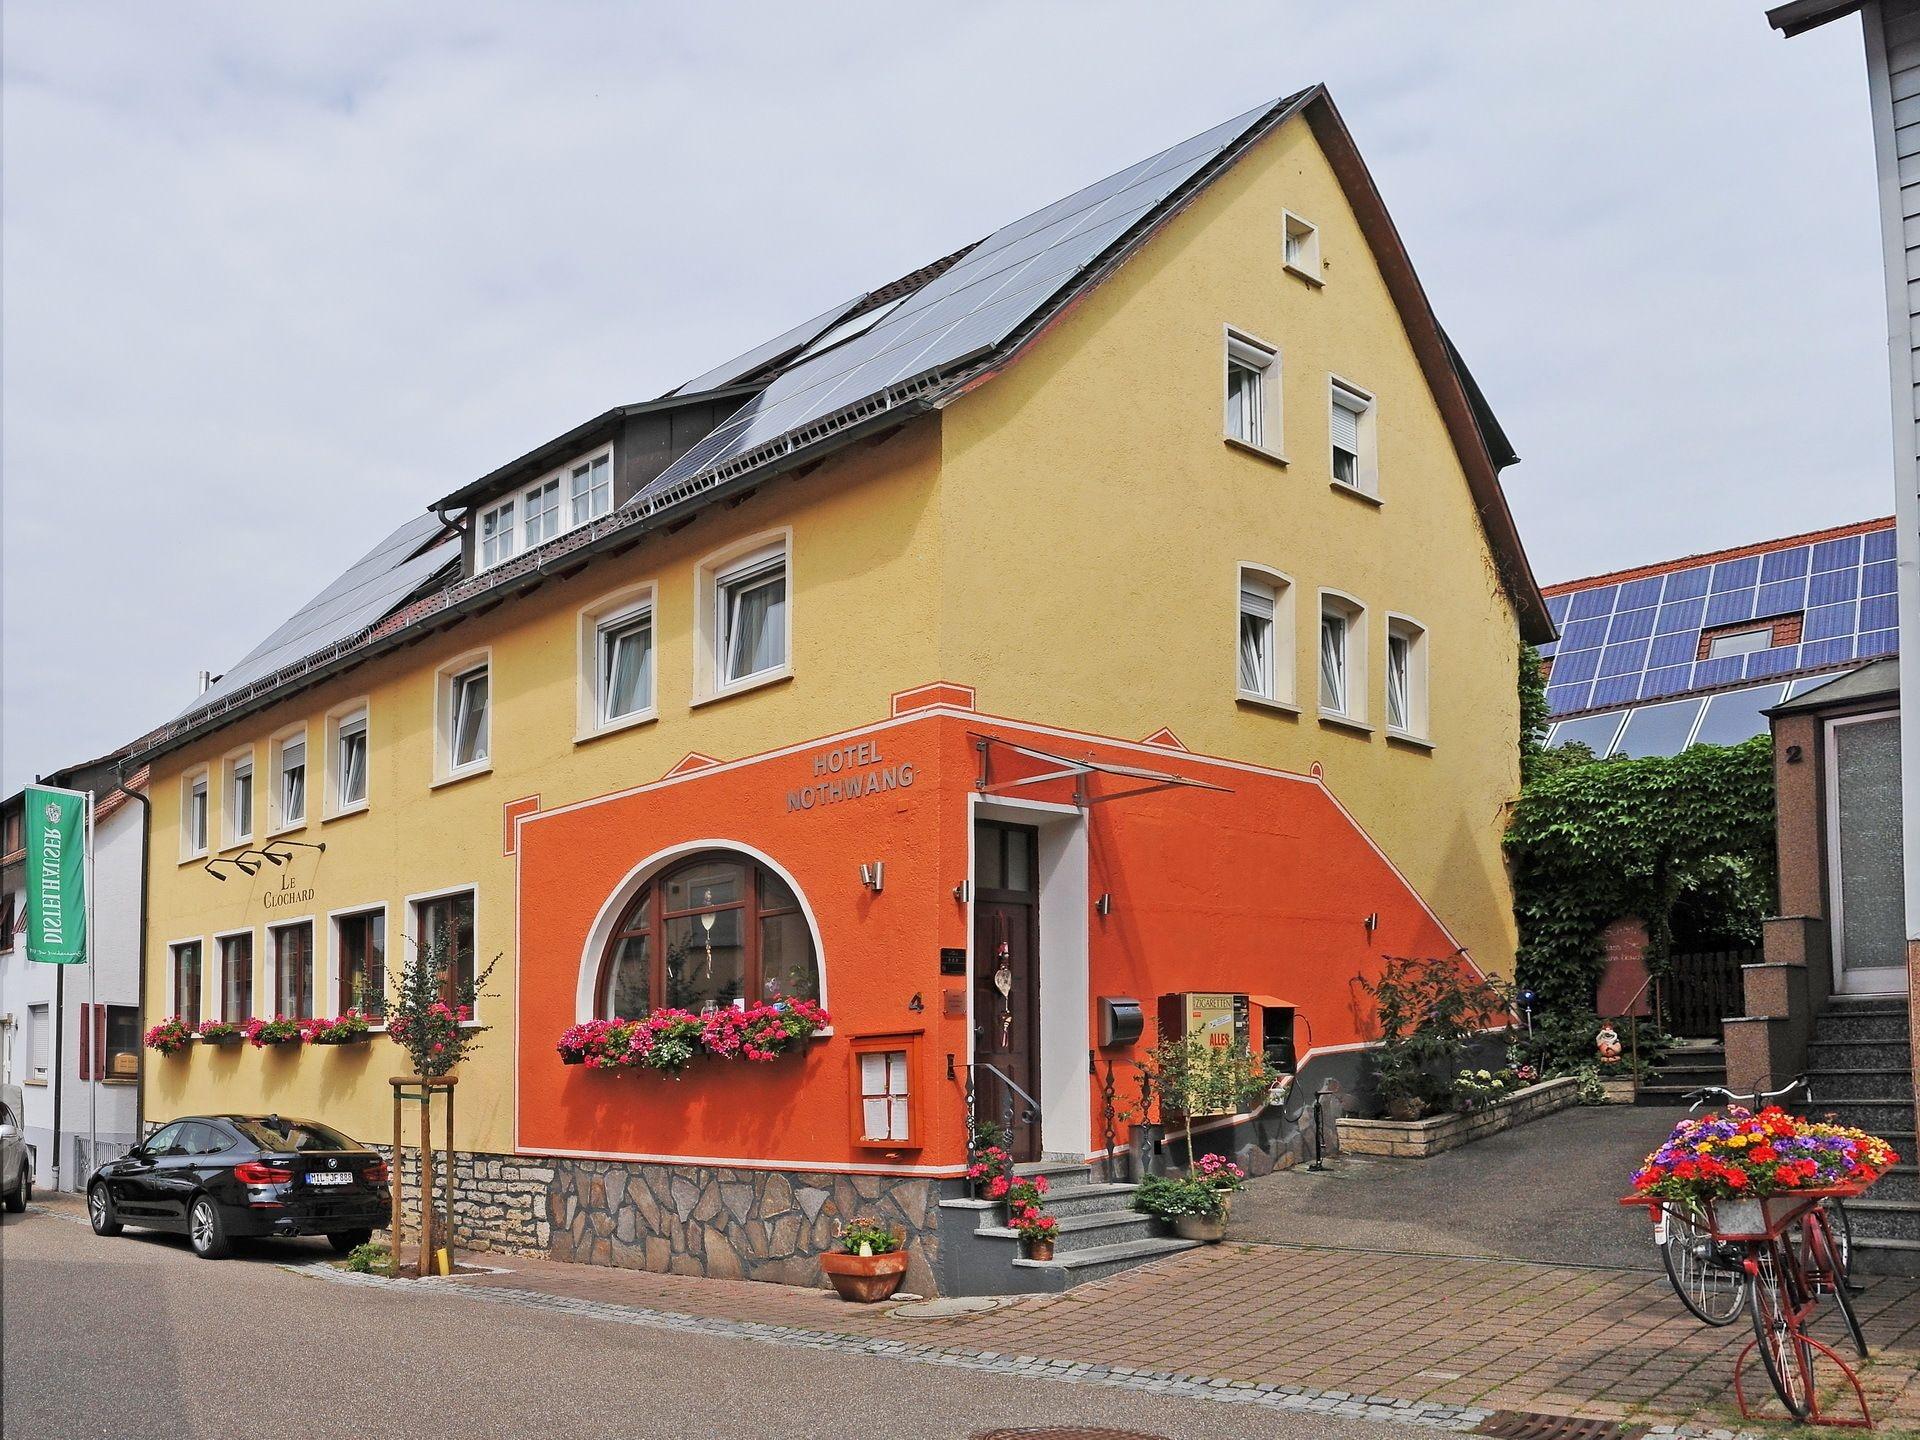 Hotel Nothwang, Hohenlohekreis